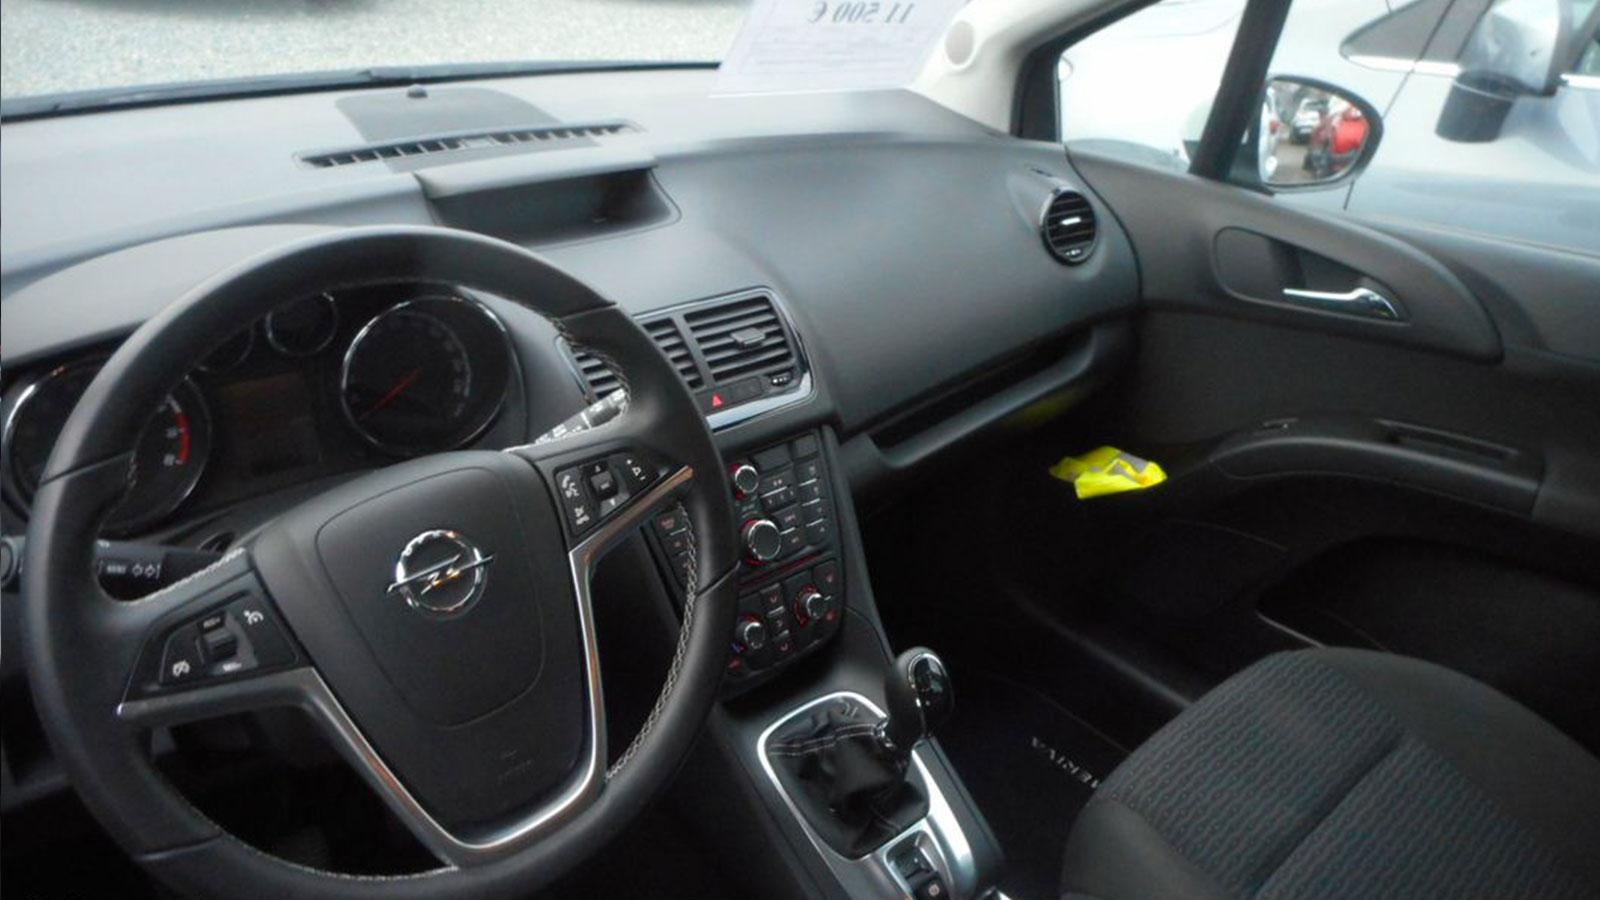 OPEL MERIVA 1.4 TWINPORT 120CH DRIVE full